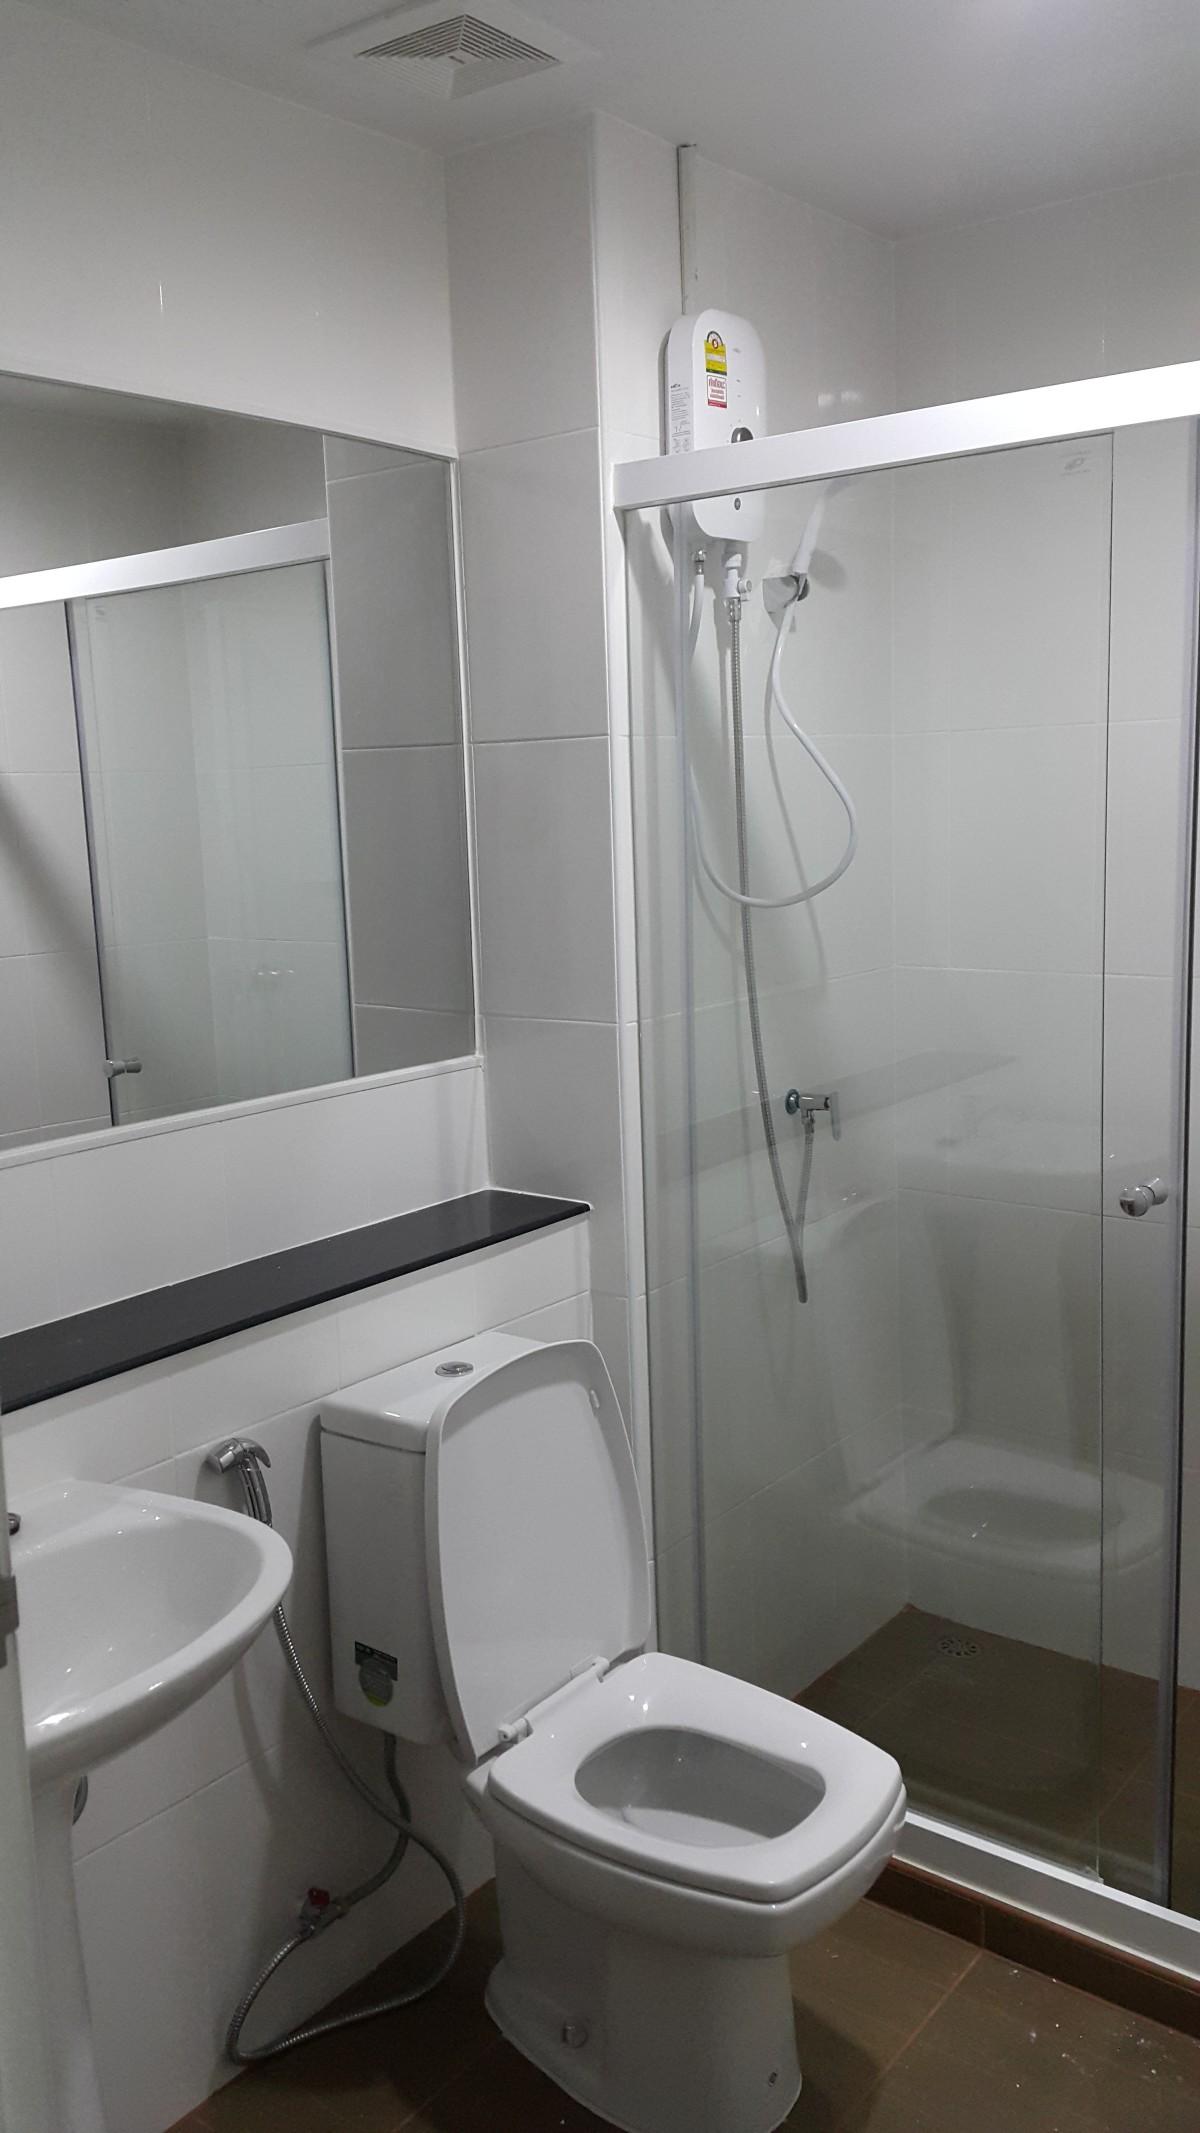 รูปของประกาศขายคอนโดรีเจ้นท์ โฮม บางซ่อน(1 ห้องนอน)(4)